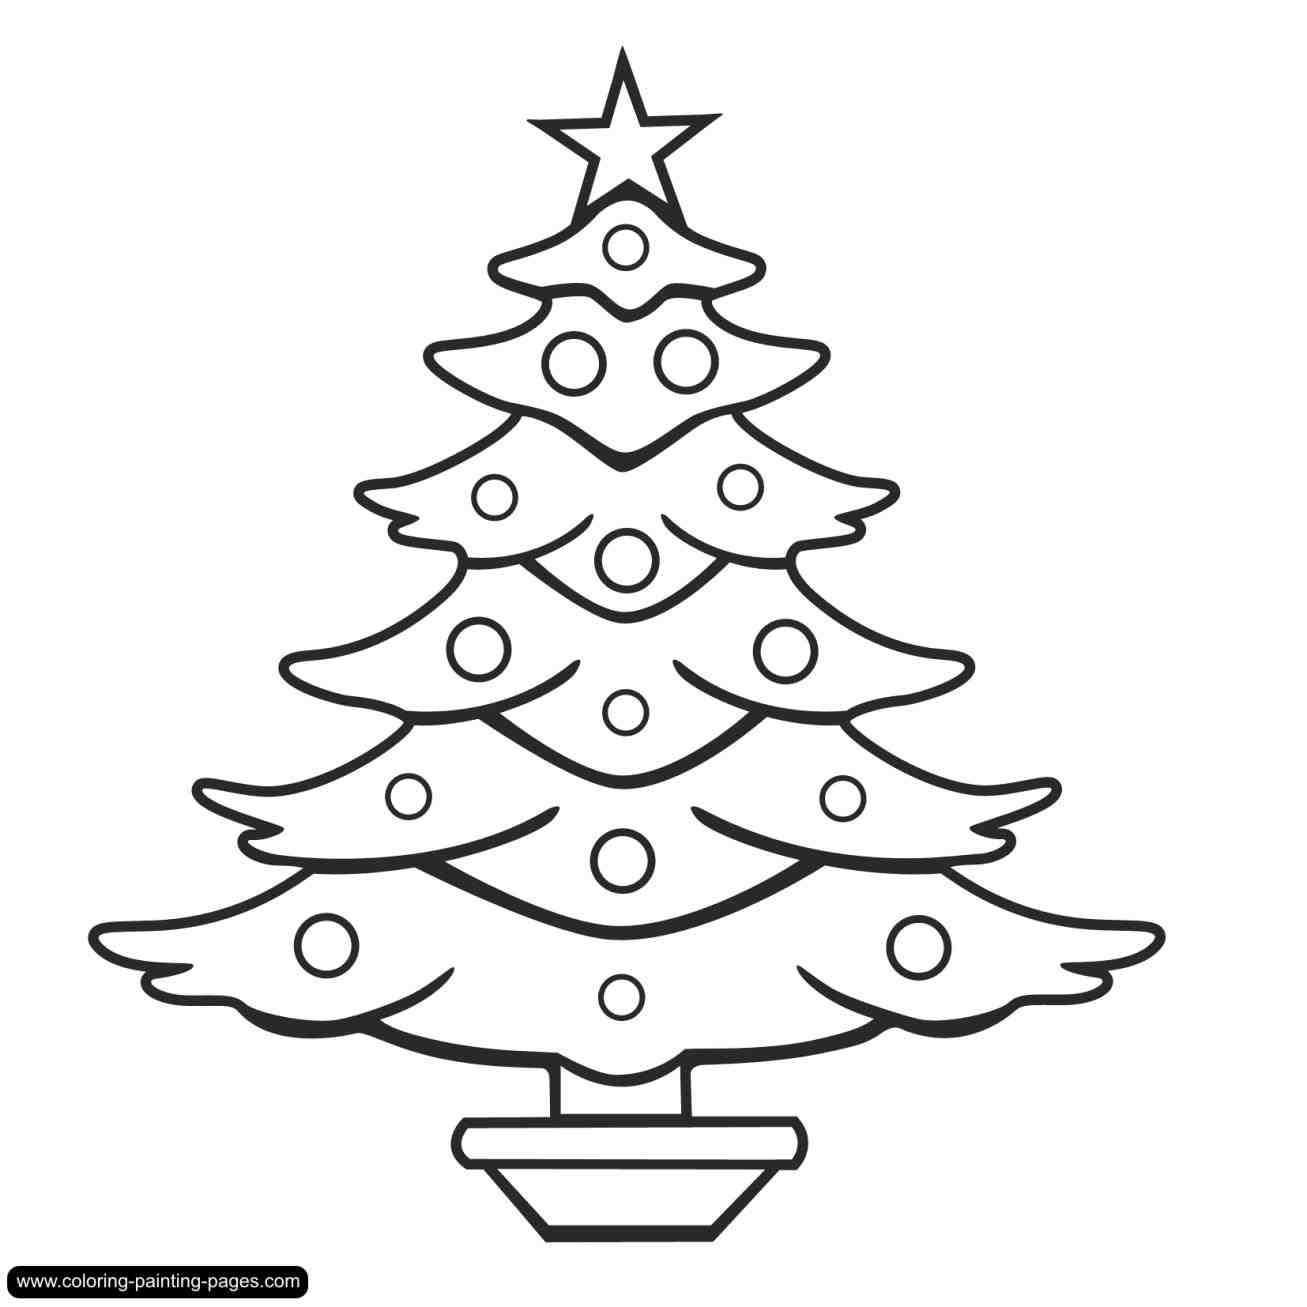 1307x1307 Simple Christmas Tree Drawings Cheminee.website